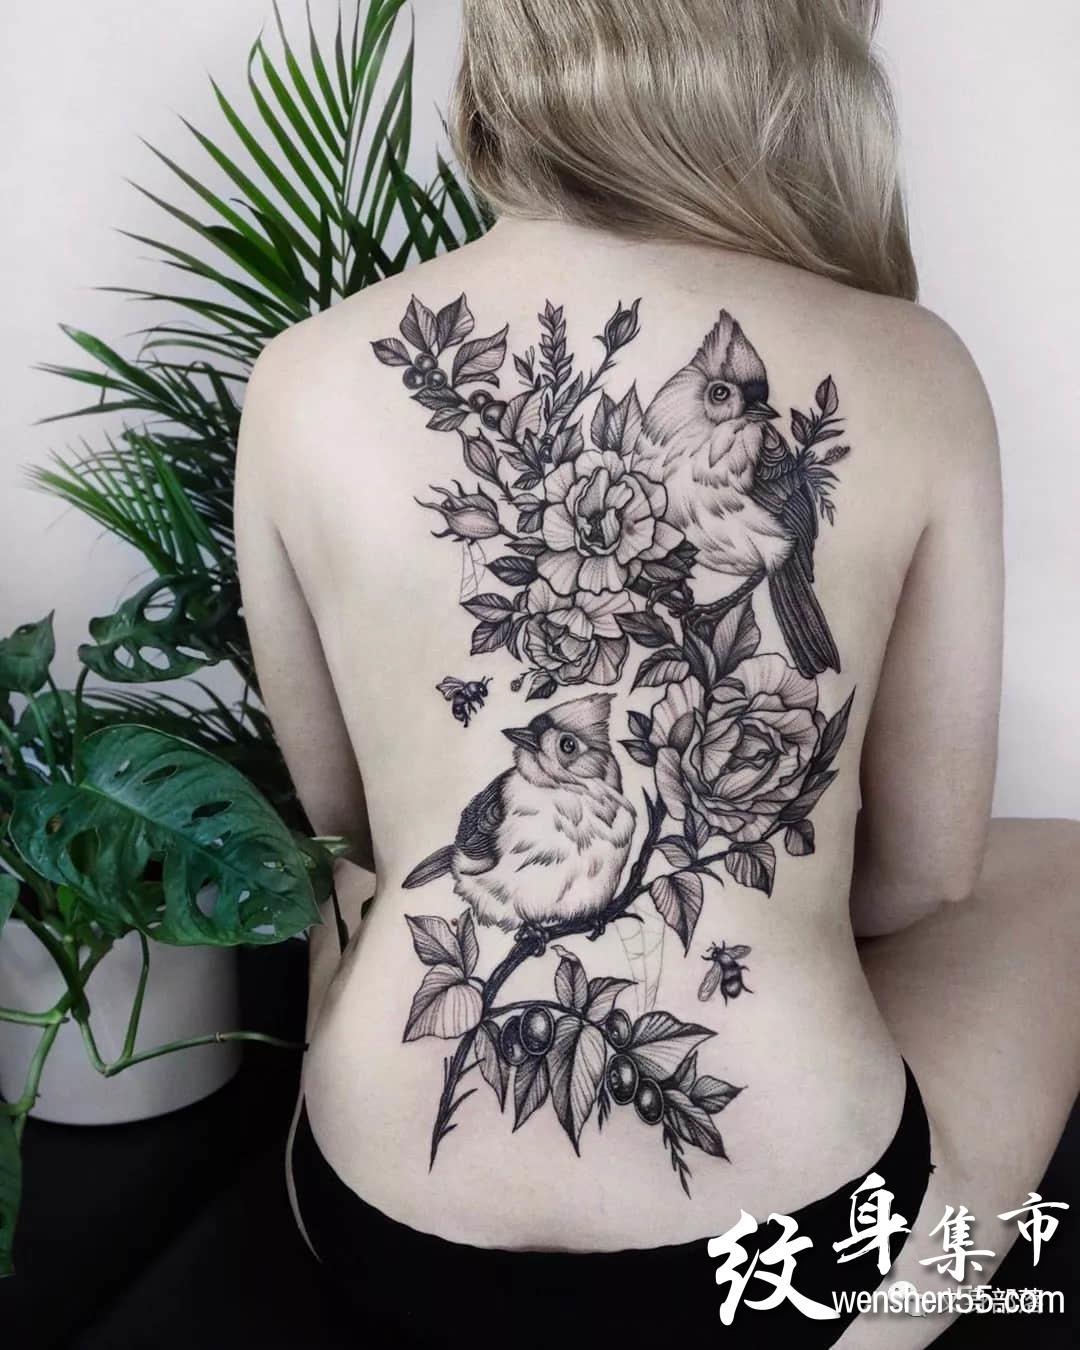 素花纹身,女神素花纹身手稿图案,ins艺术家作品连载